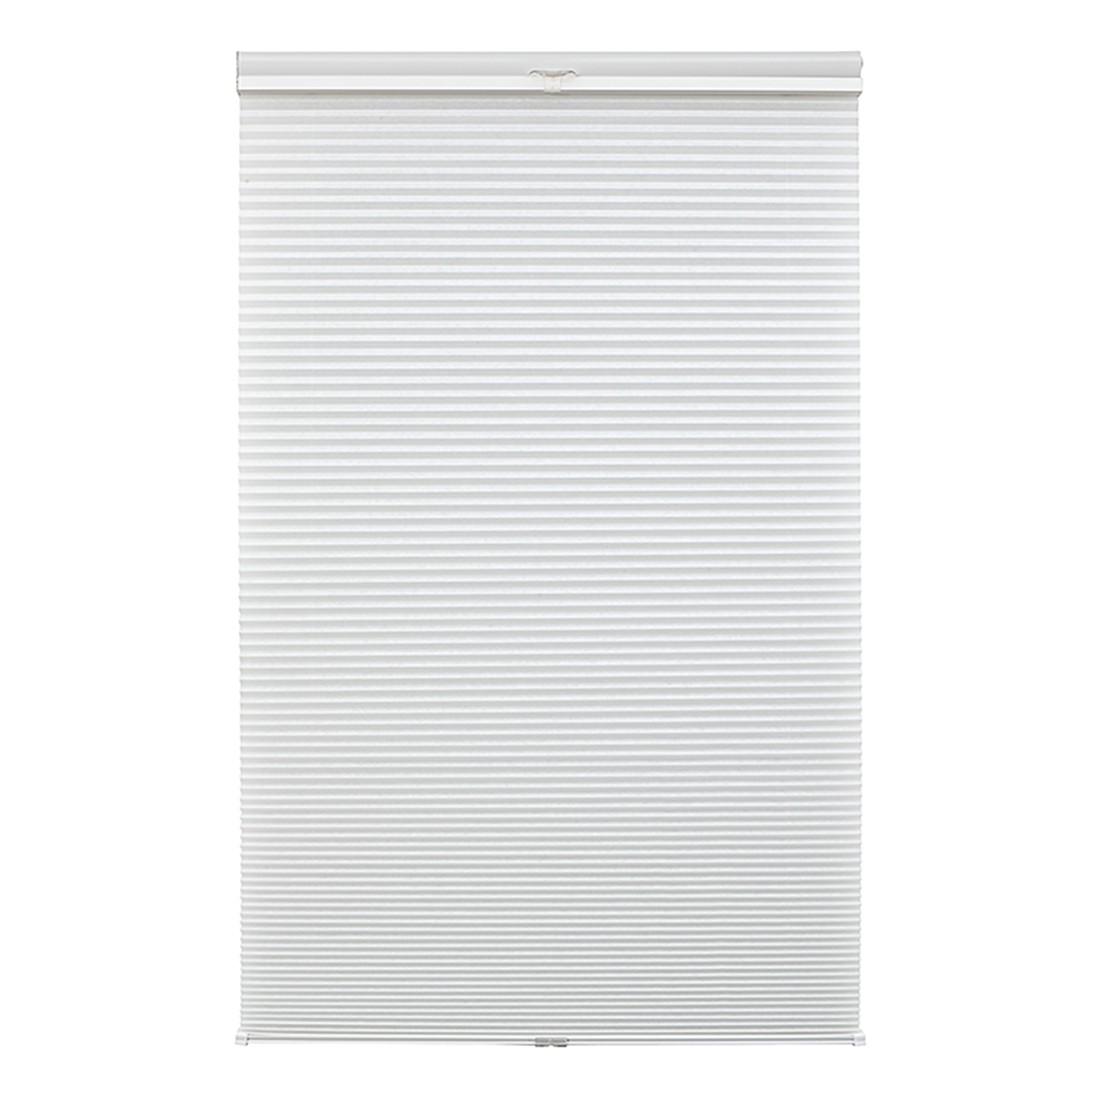 Plissee Klemmfix, Thermo – Polyester, Metall Weiß – (H x B): 130 x 60 cm, Wohn-Guide jetzt bestellen